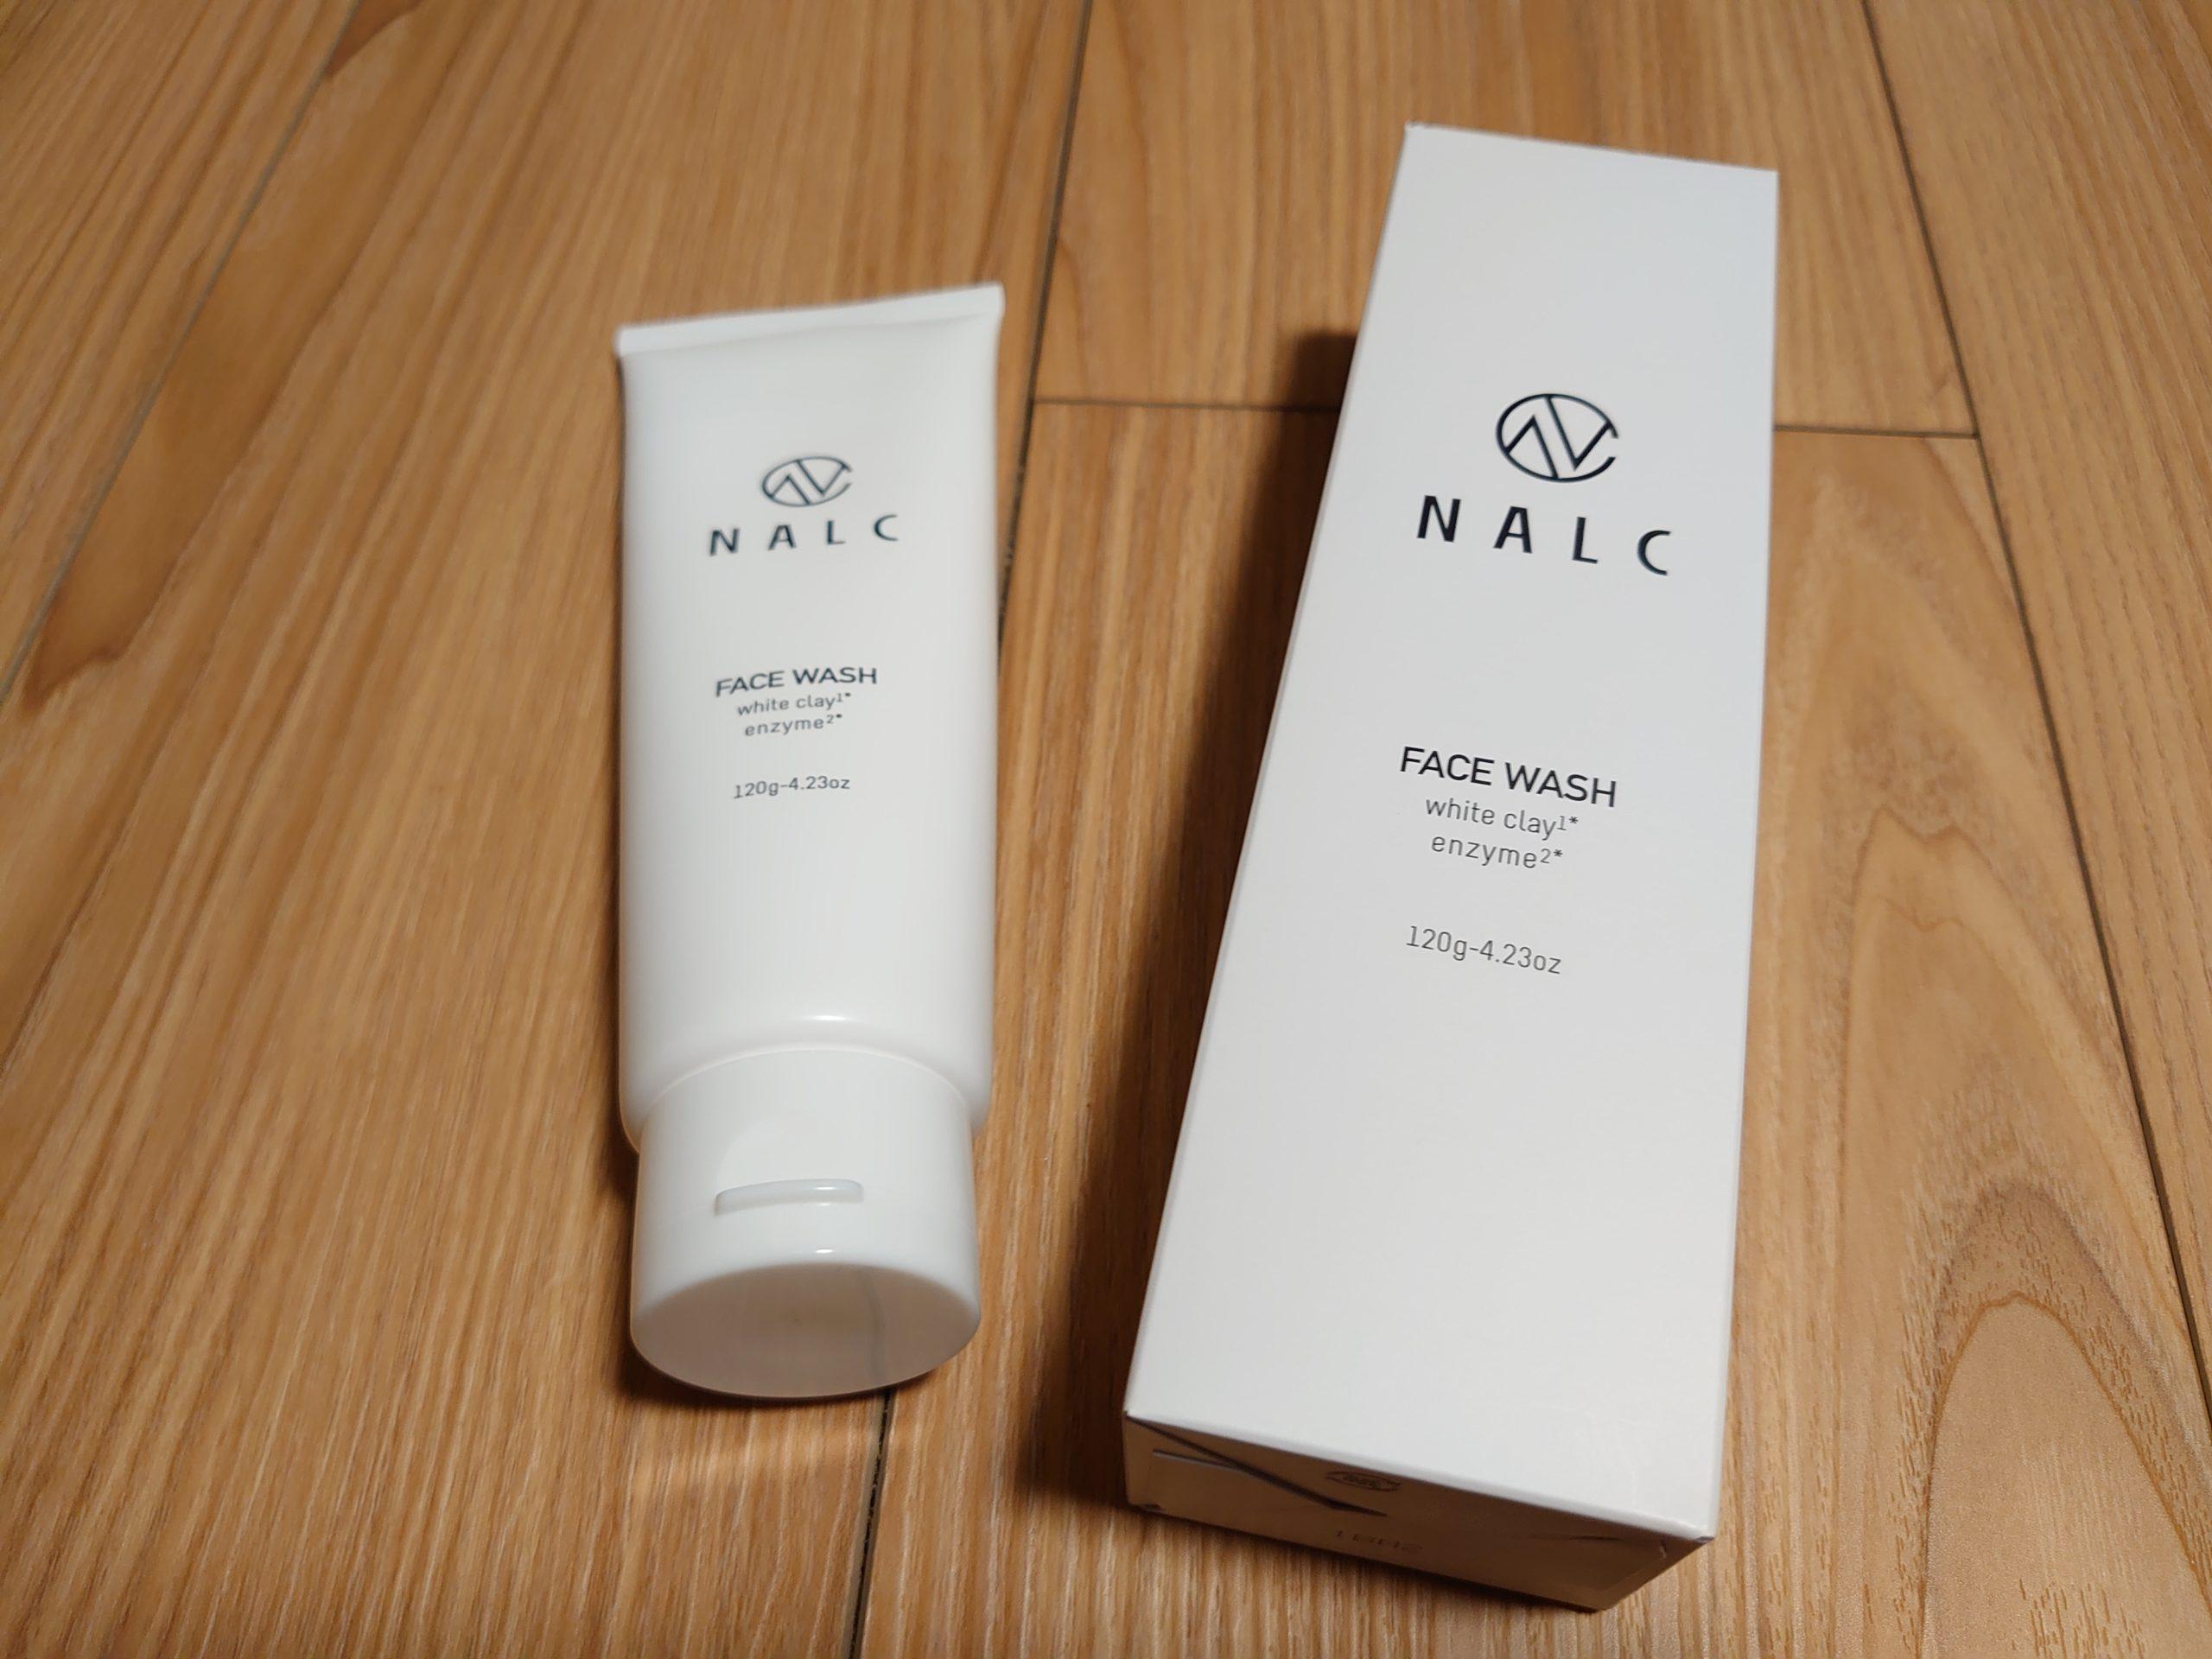 洗顔料おすすめ【NALC ホワイトクレイ酵素配合洗顔フォーム】を使ってみた